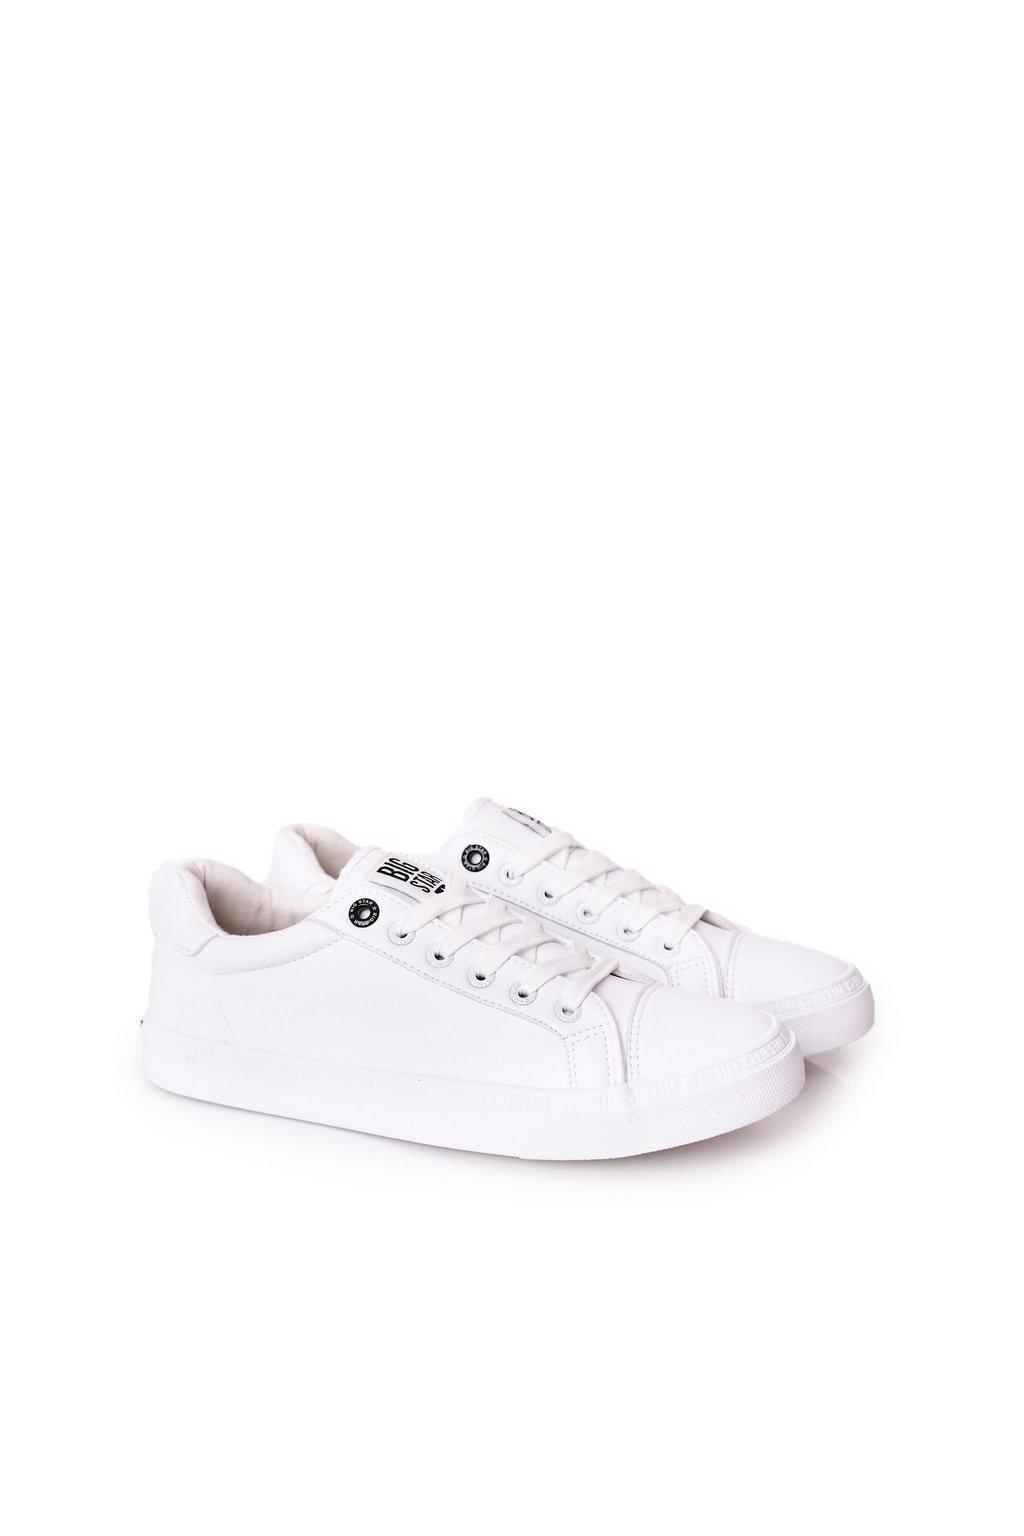 Biela obuv kód topánok HH174037 WHITE